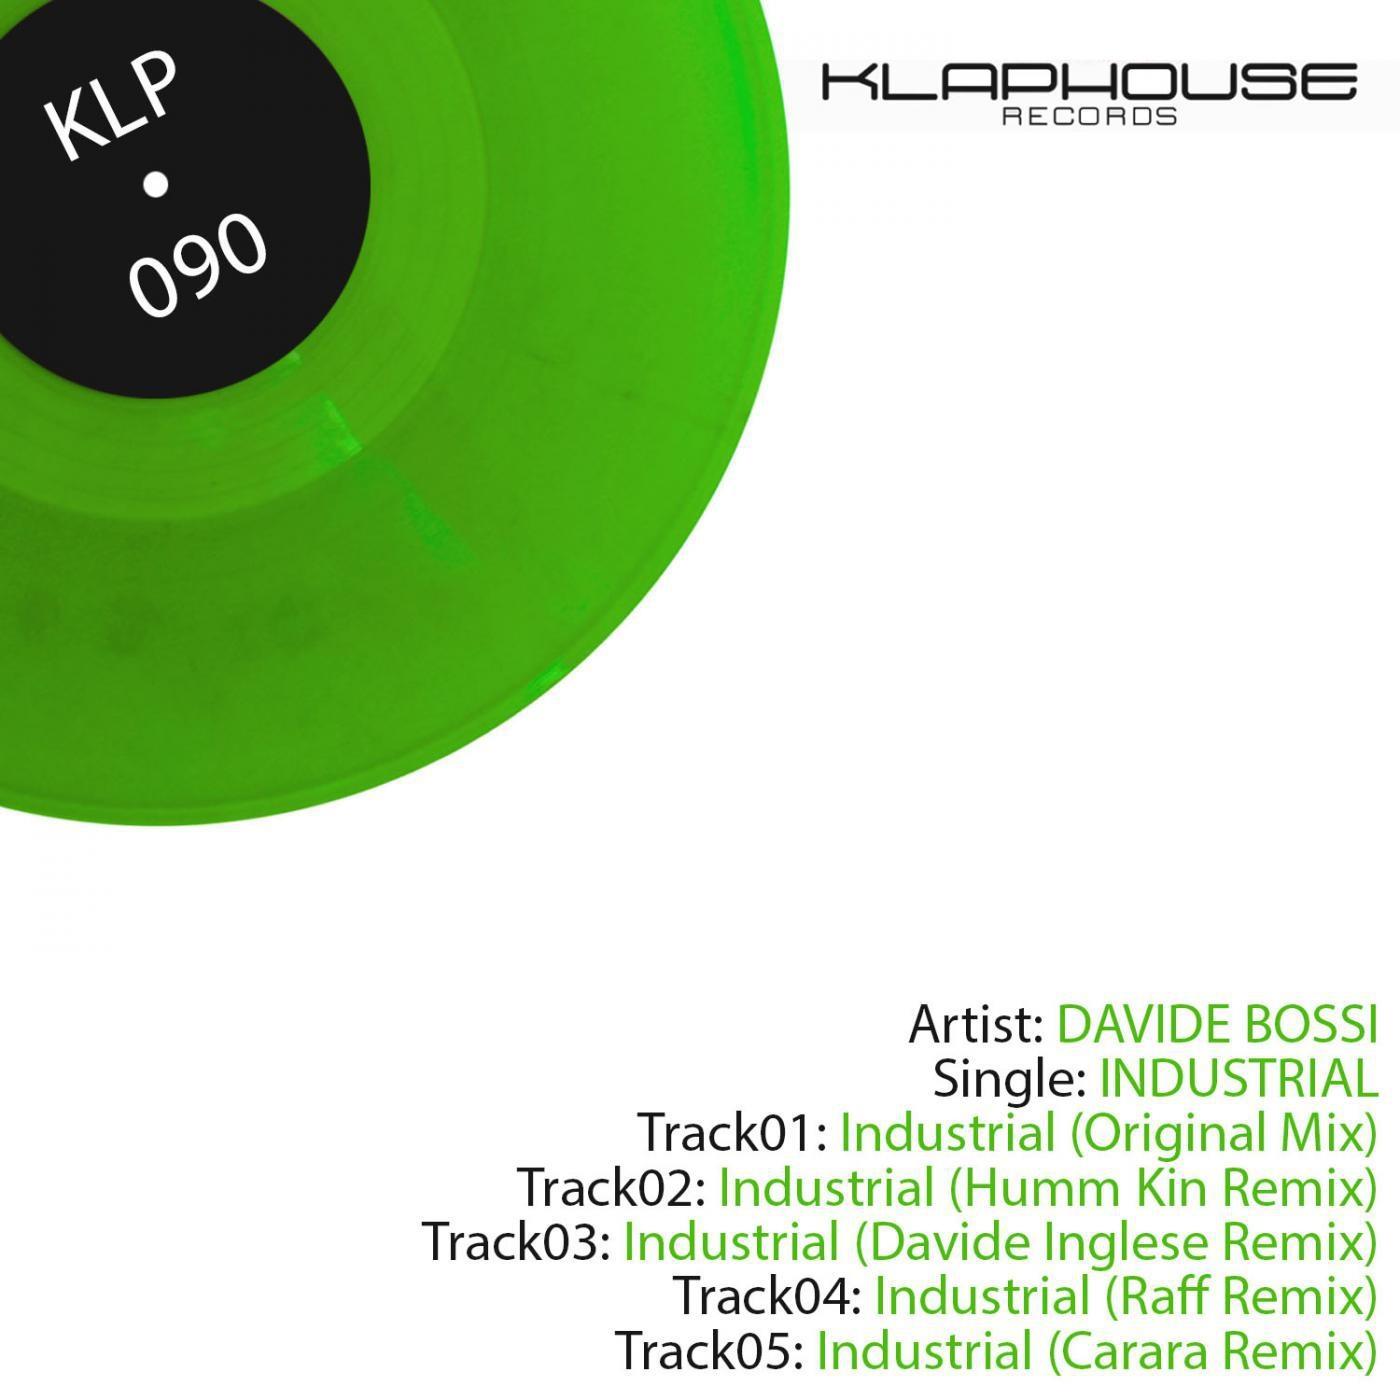 Davide Bossi - Industrial (Humm Kin remix)